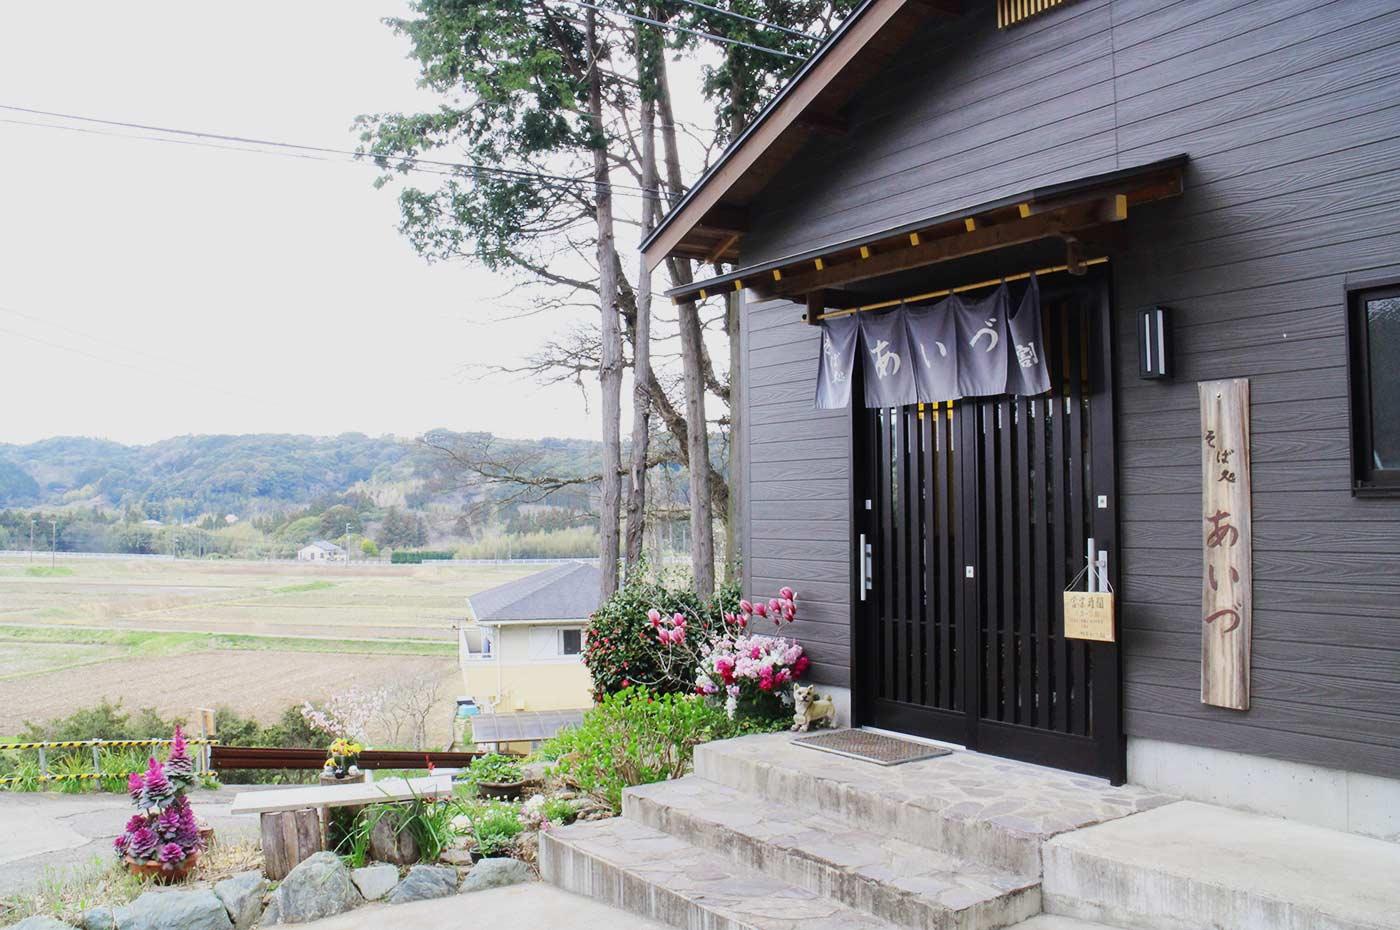 そば処「あいづ」 店舗外観の画像